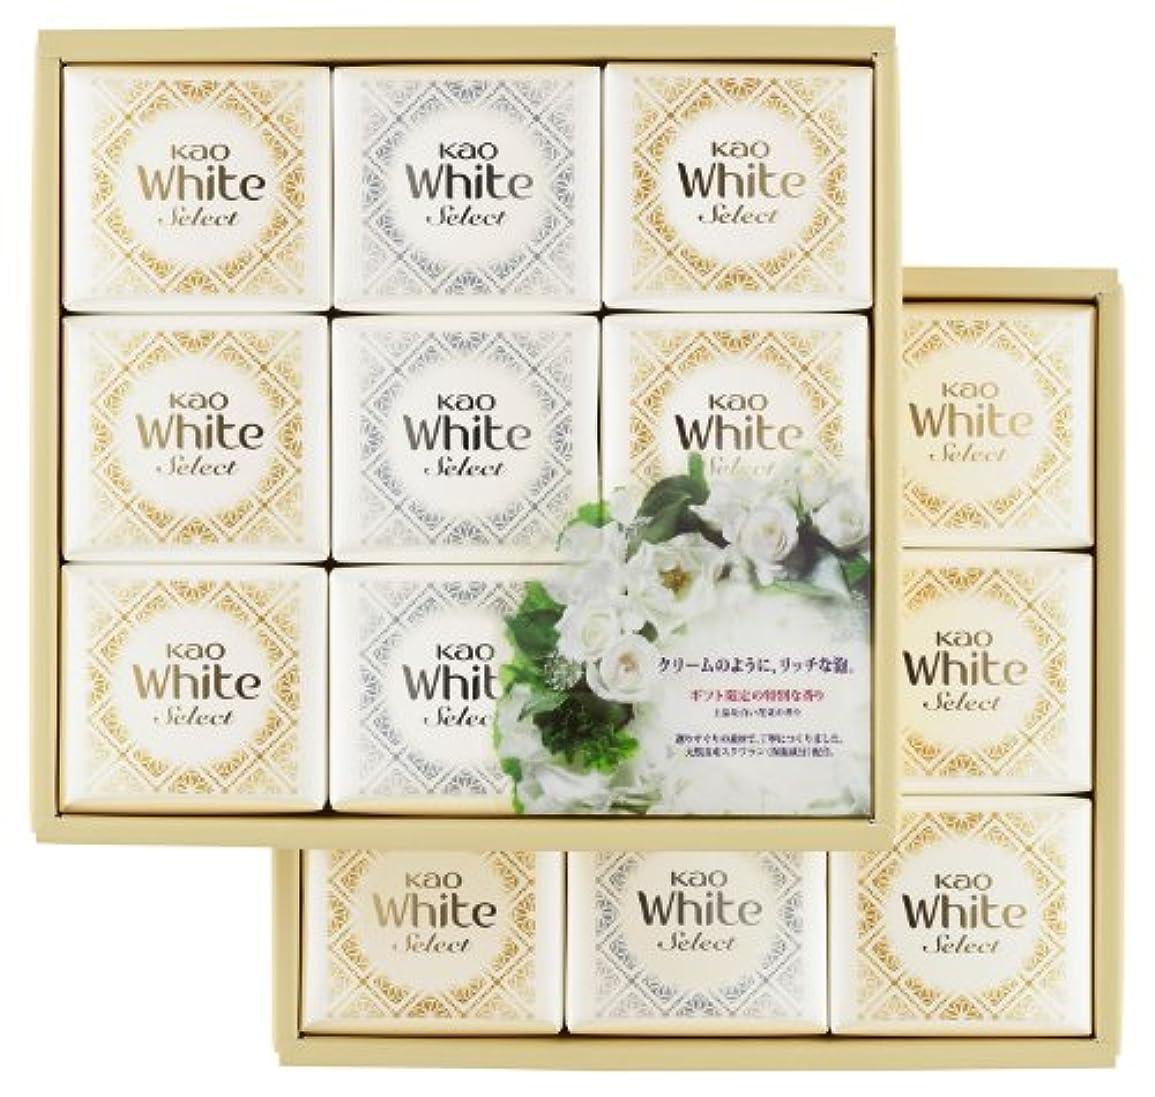 娯楽先例一口花王ホワイト セレクト 上品な白い花束の香り 85g 18コ K?WS-30